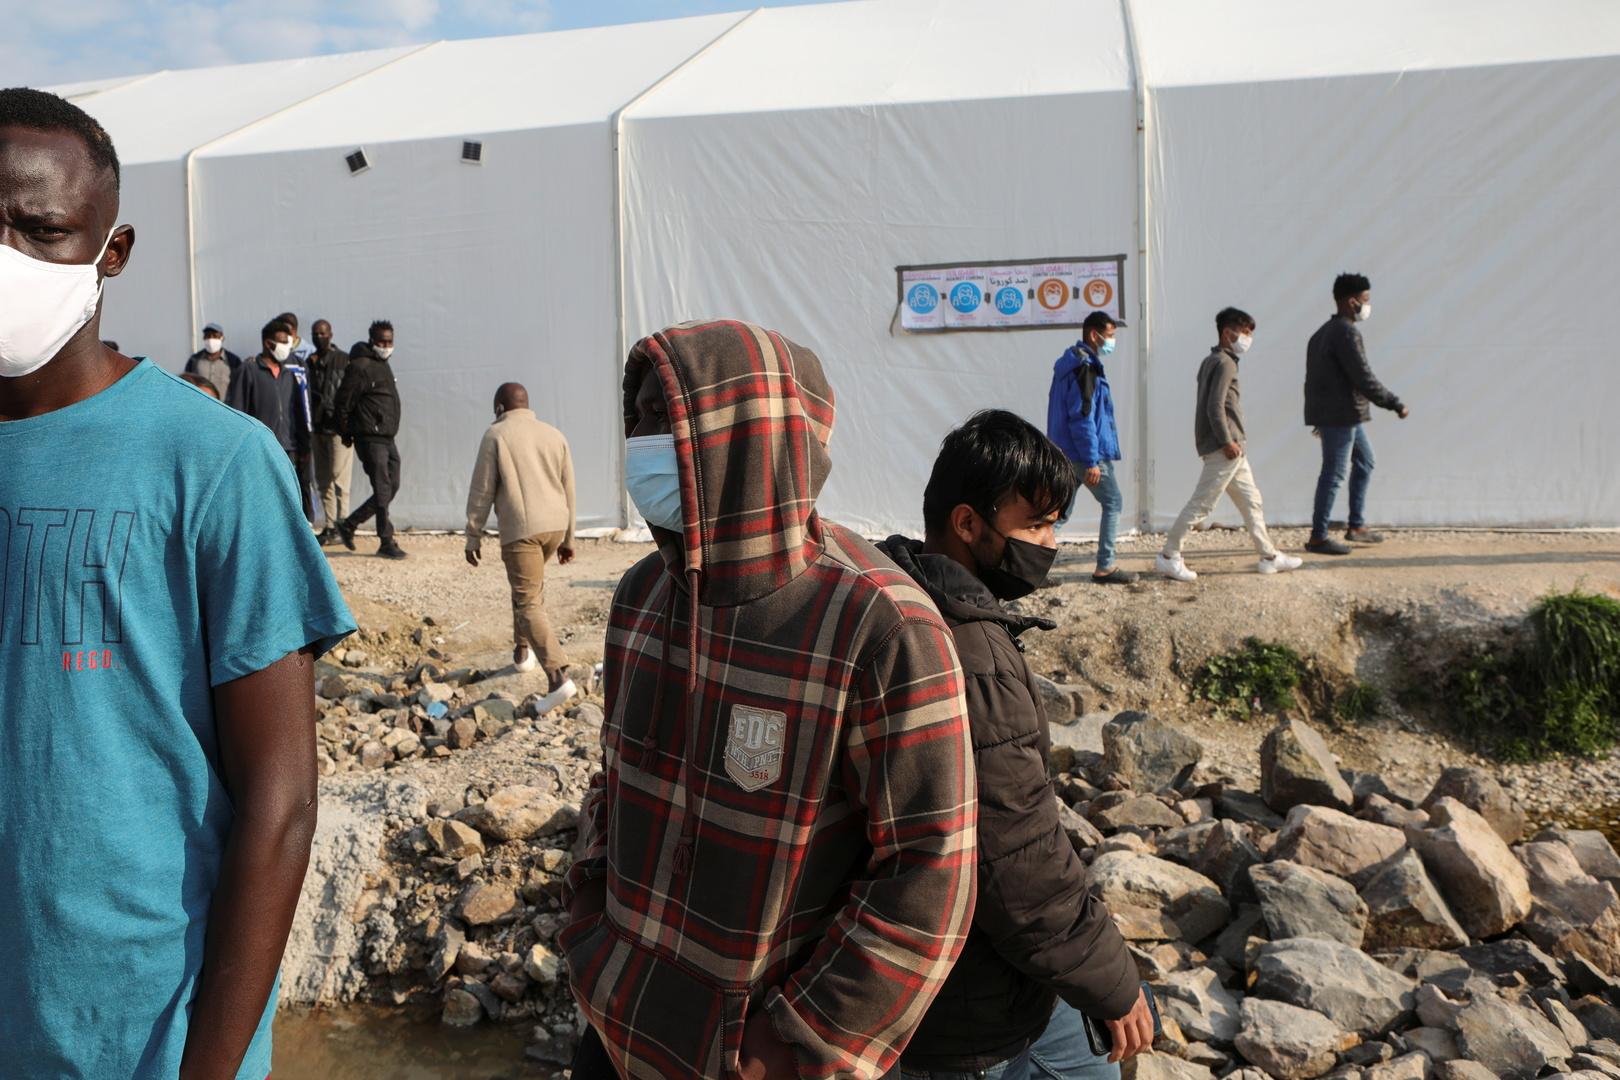 لاجئون عند الحدود اليونانية، أرشيف